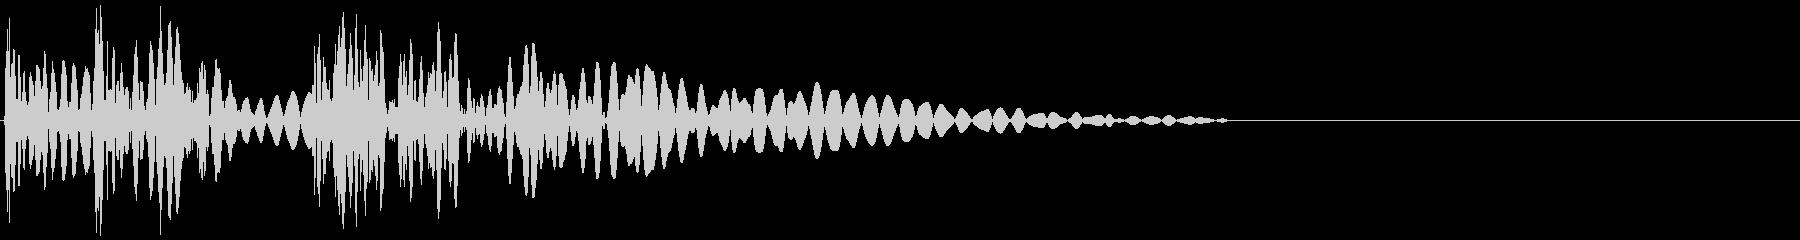 ピュピュンドン(攻撃・シューティング)の未再生の波形